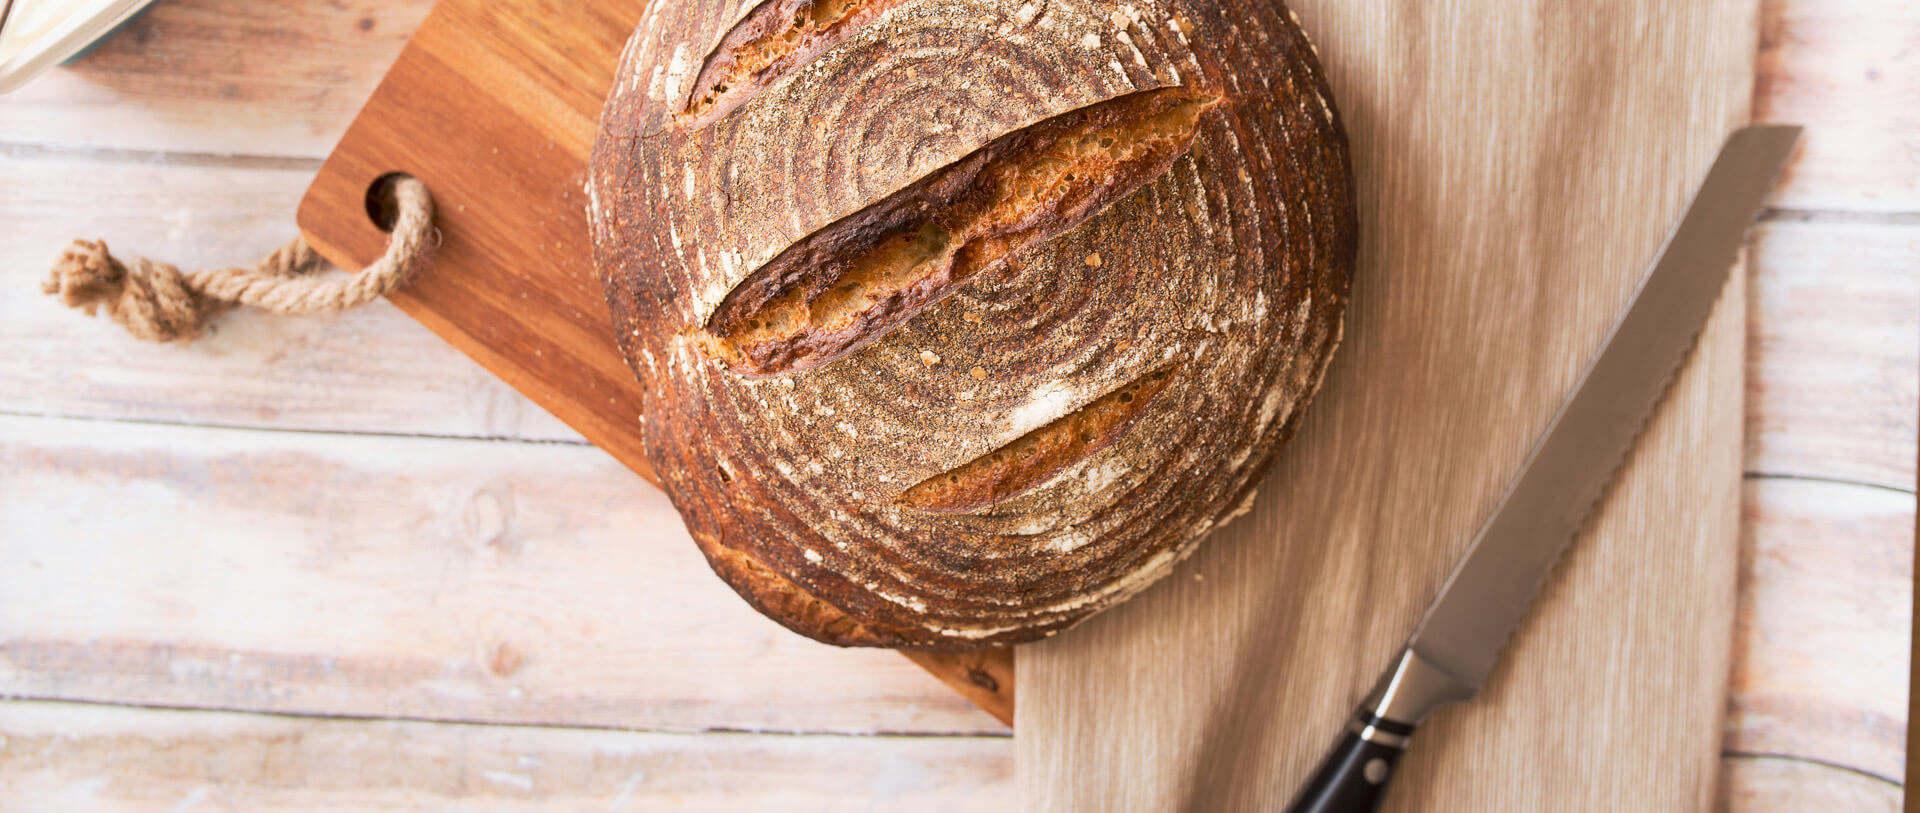 Dick und Krank durch glutenhaltige Getreide